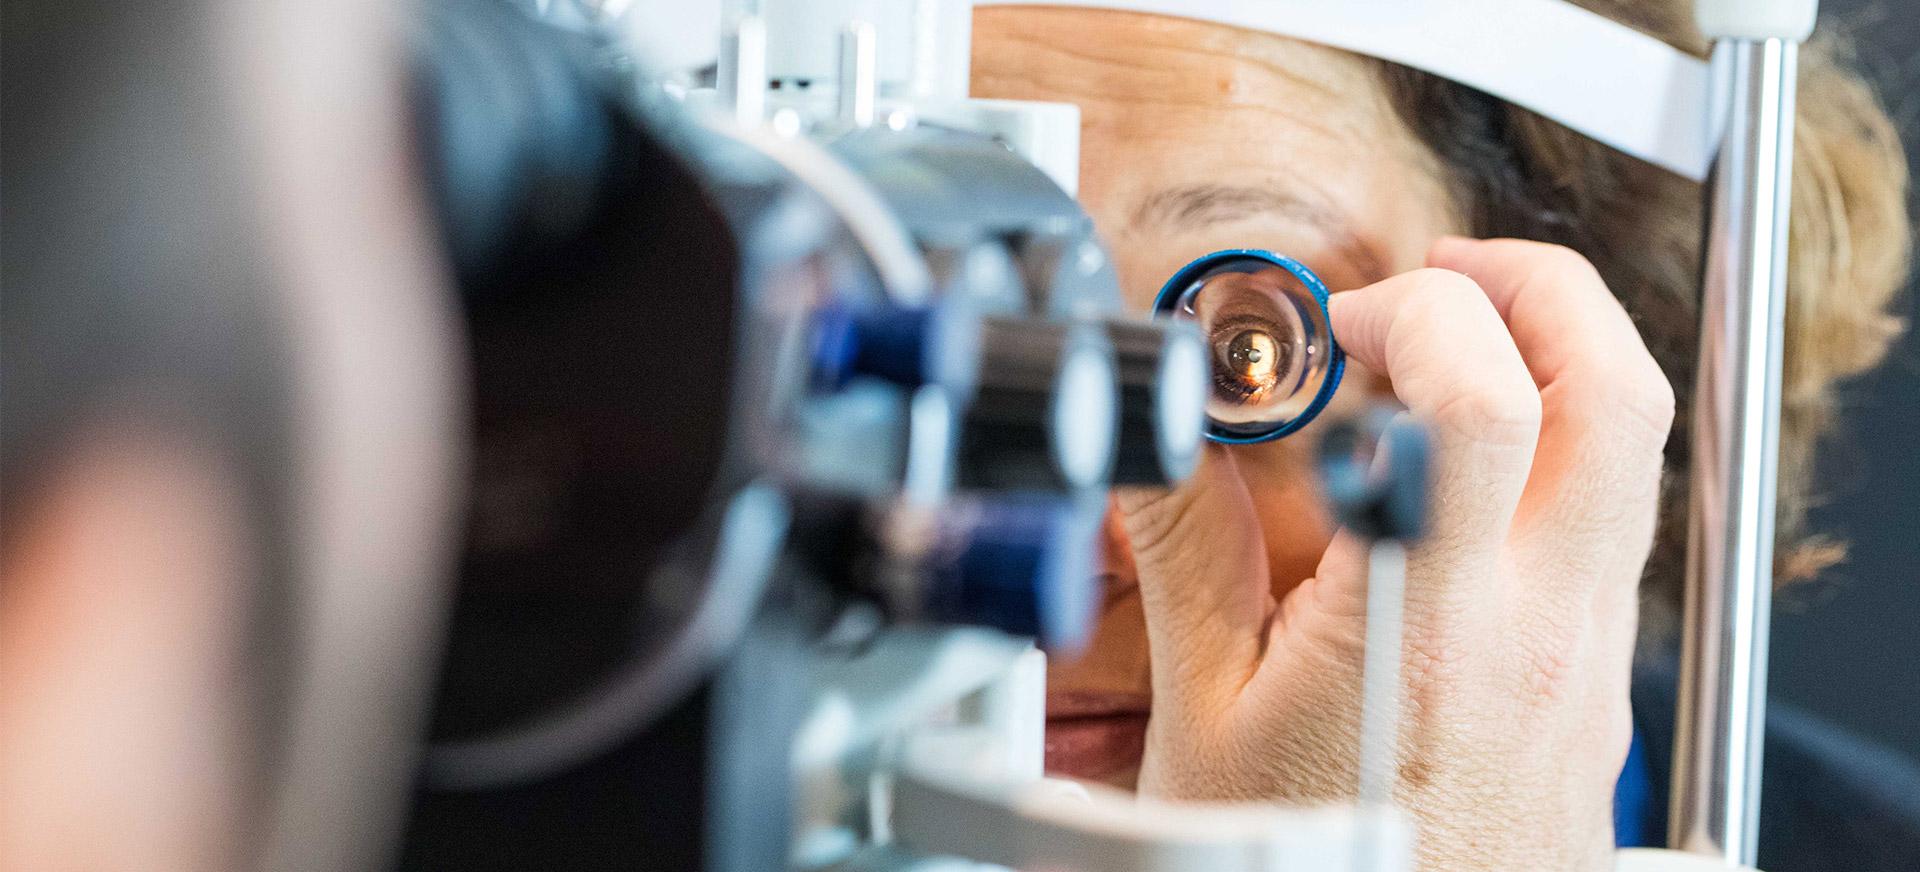 La chirurgie réfractive au laser pour la presbytie à Saint-Malo / Saint-Grégoire (Rennes)